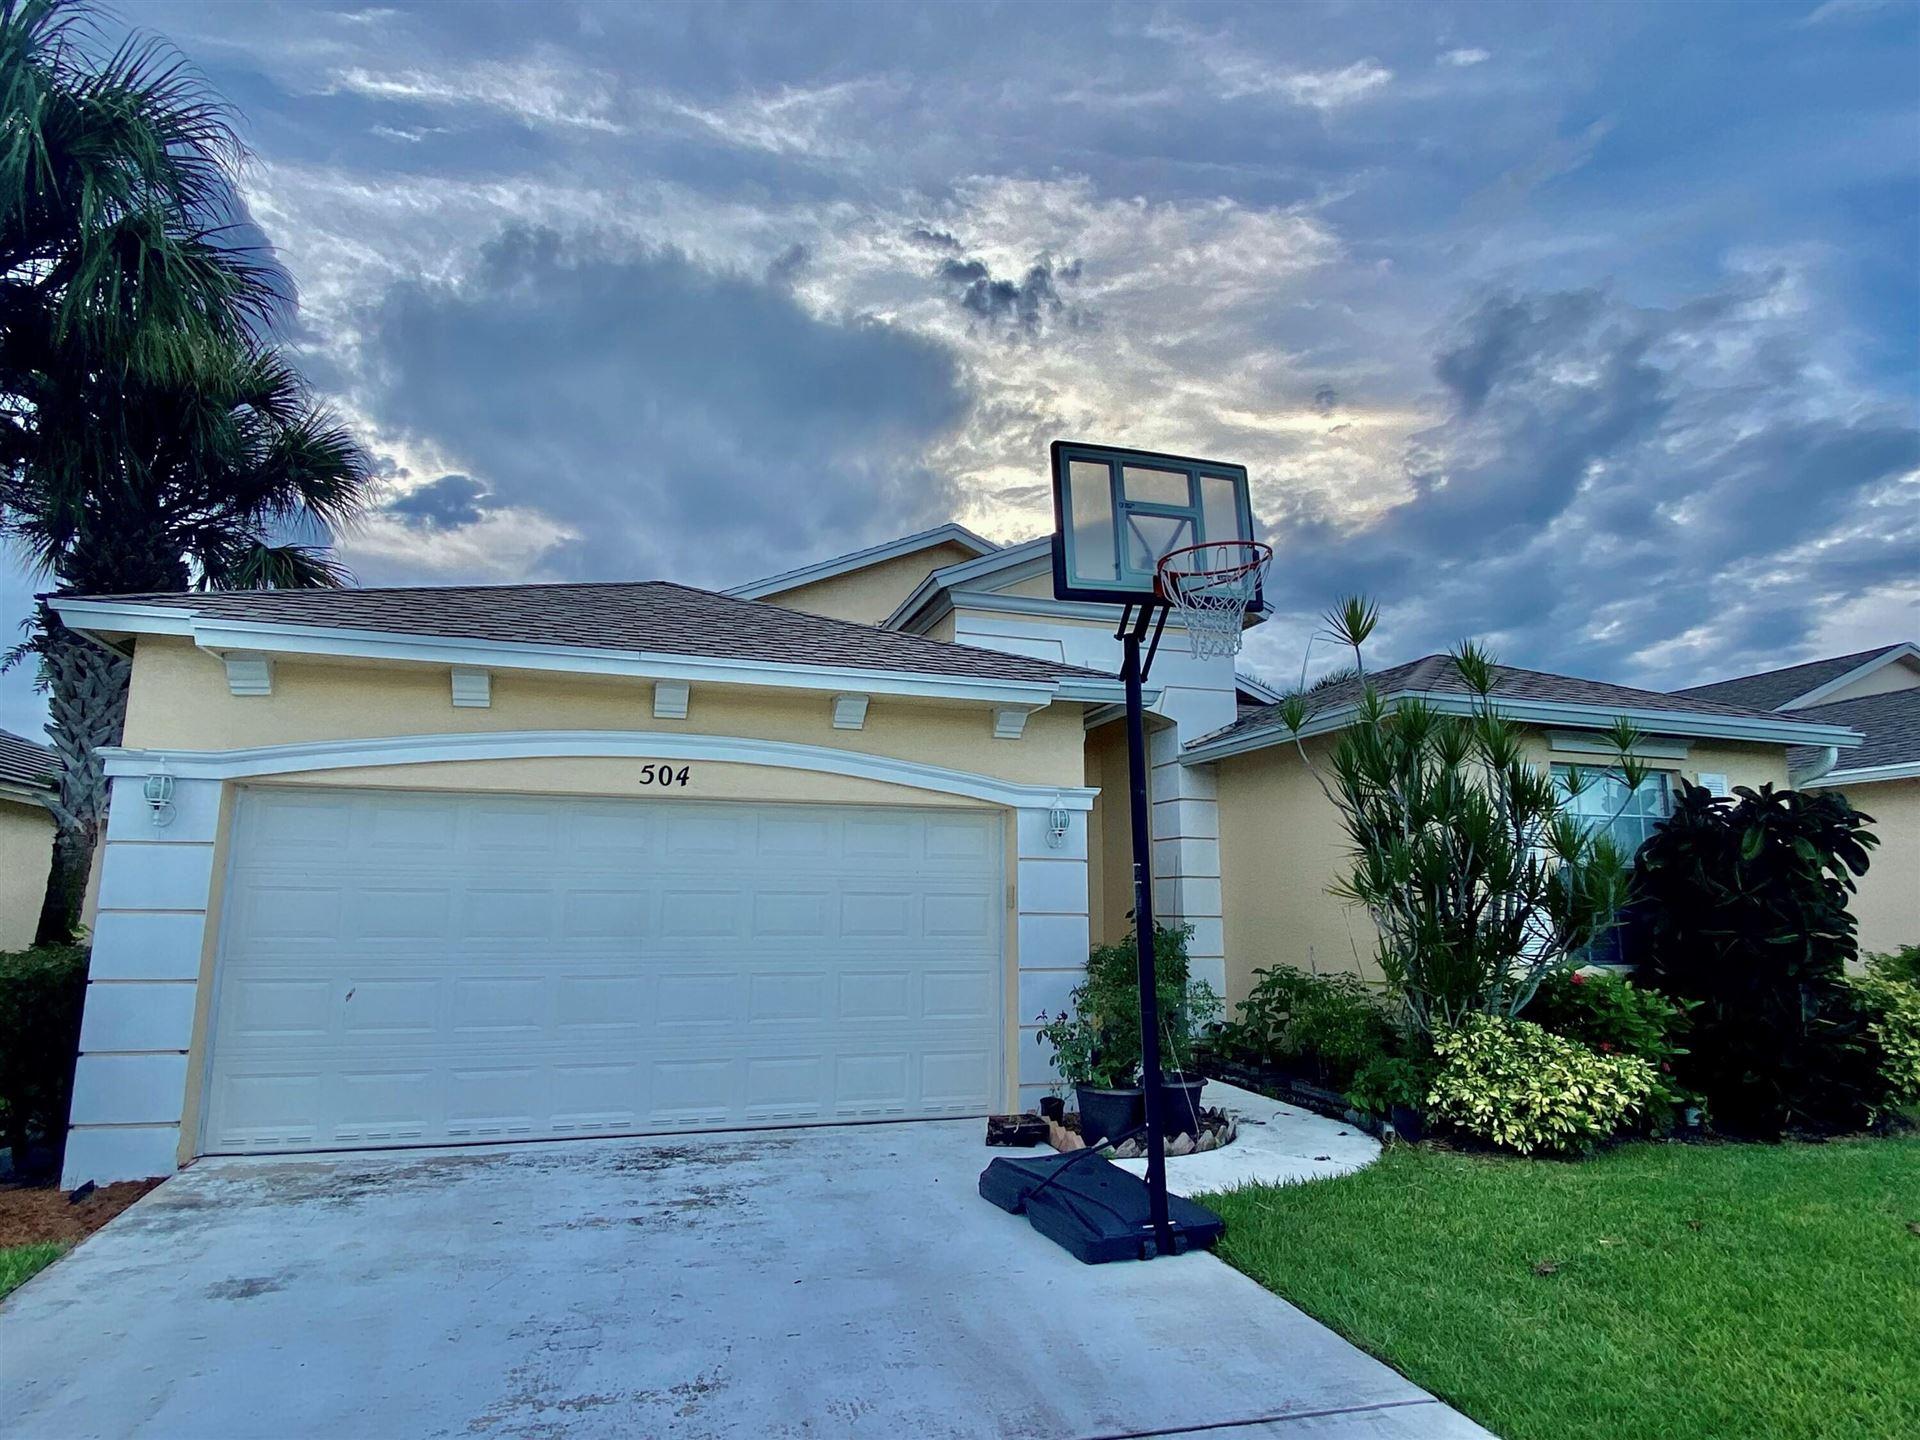 504 SW Indian Key Drive, Port Saint Lucie, FL 34986 - #: RX-10746718